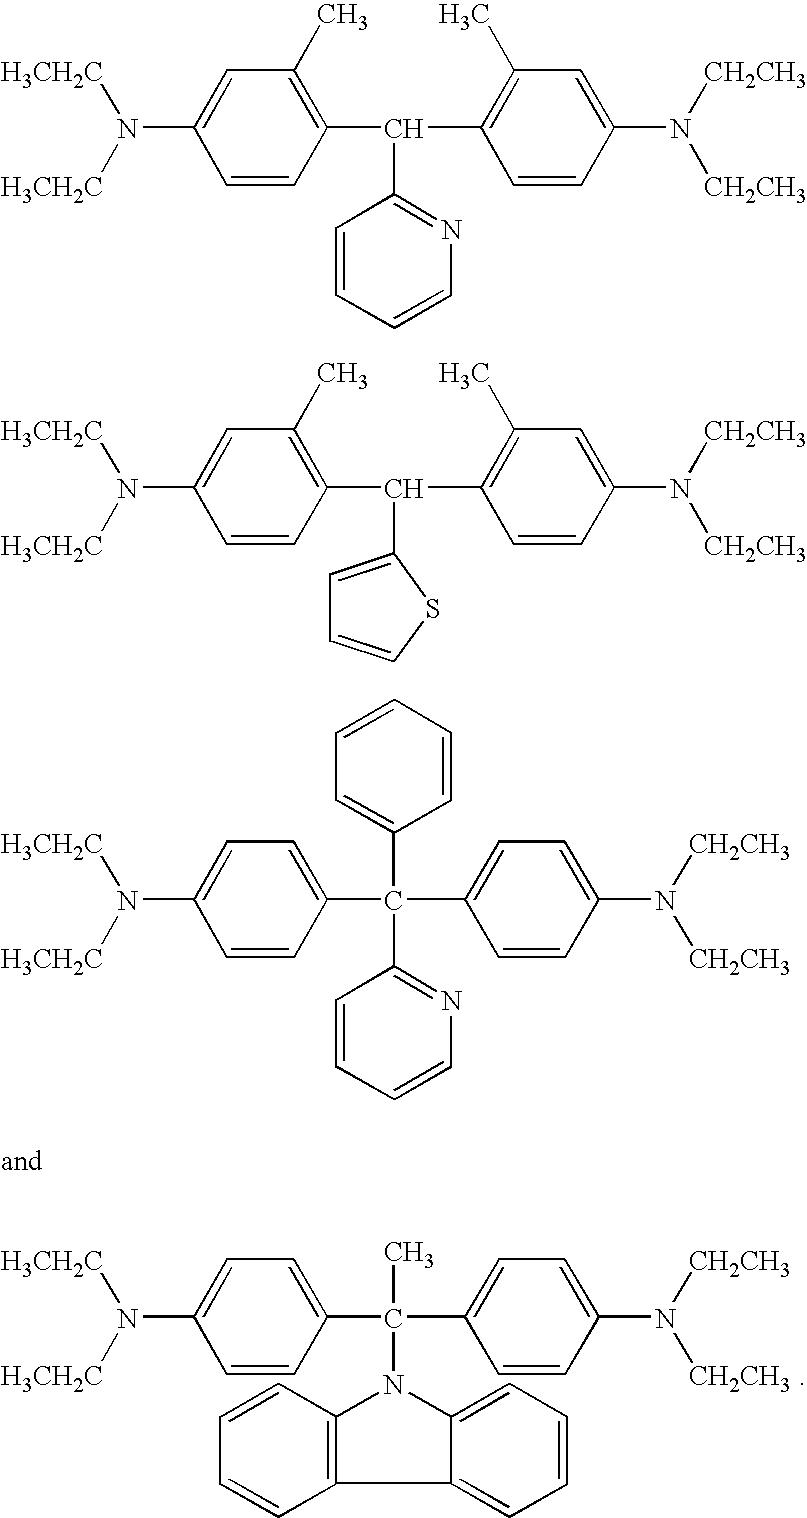 Figure US06861188-20050301-C00229